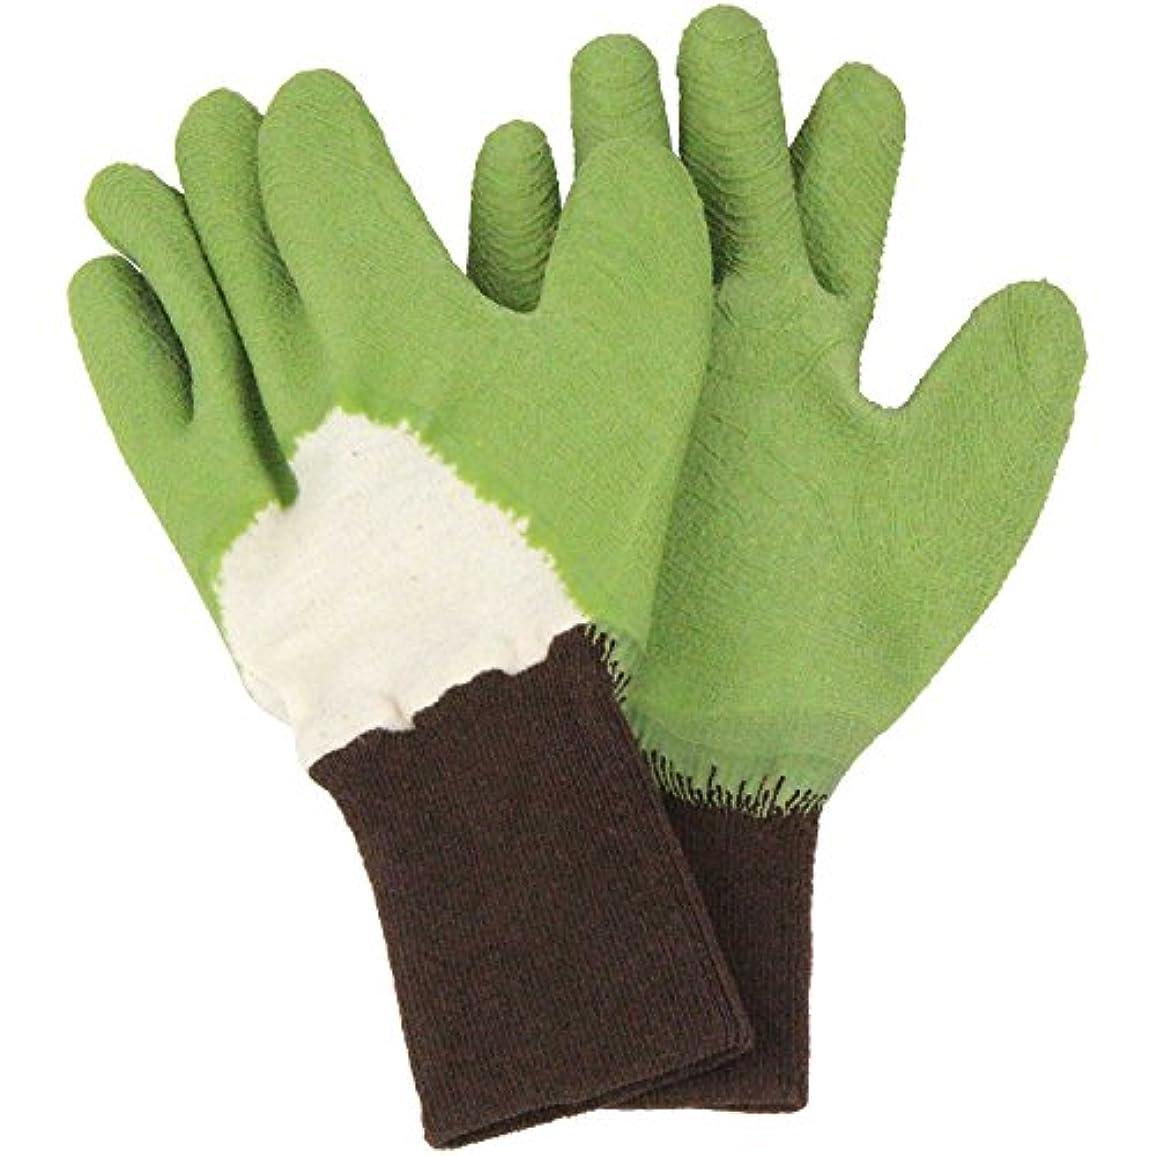 セフティー3 トゲがささりにくい手袋 グリーン L